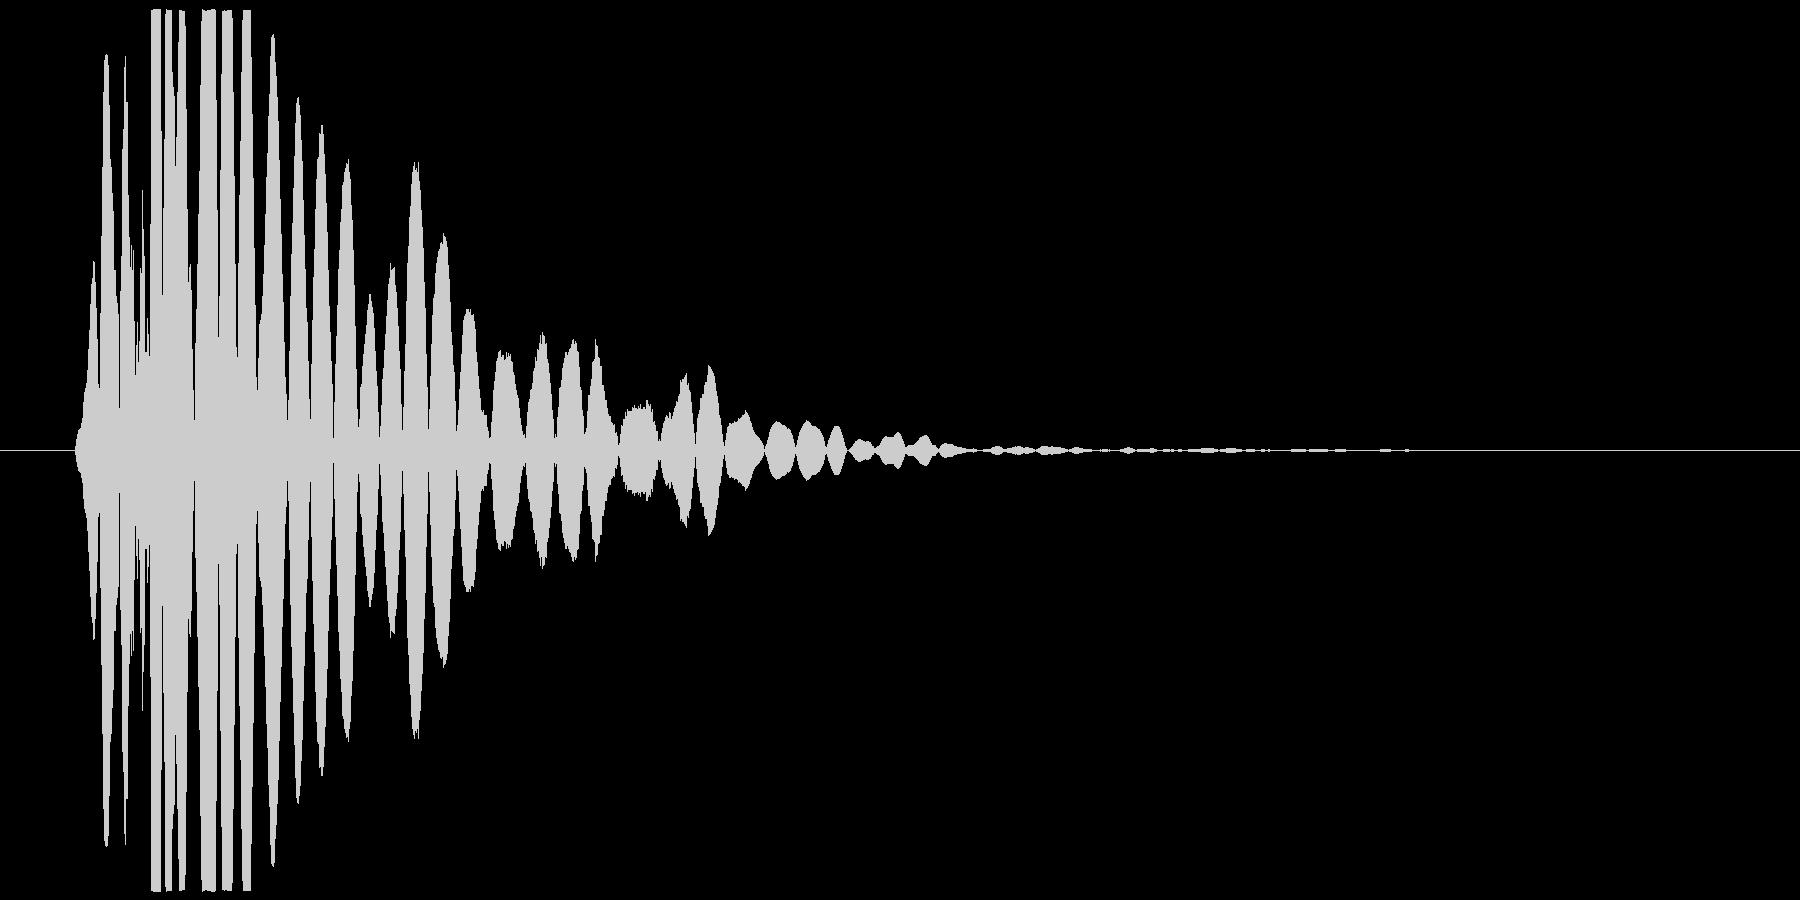 ドンッ、ドシャッ(倒れる、打撃、低音)の未再生の波形